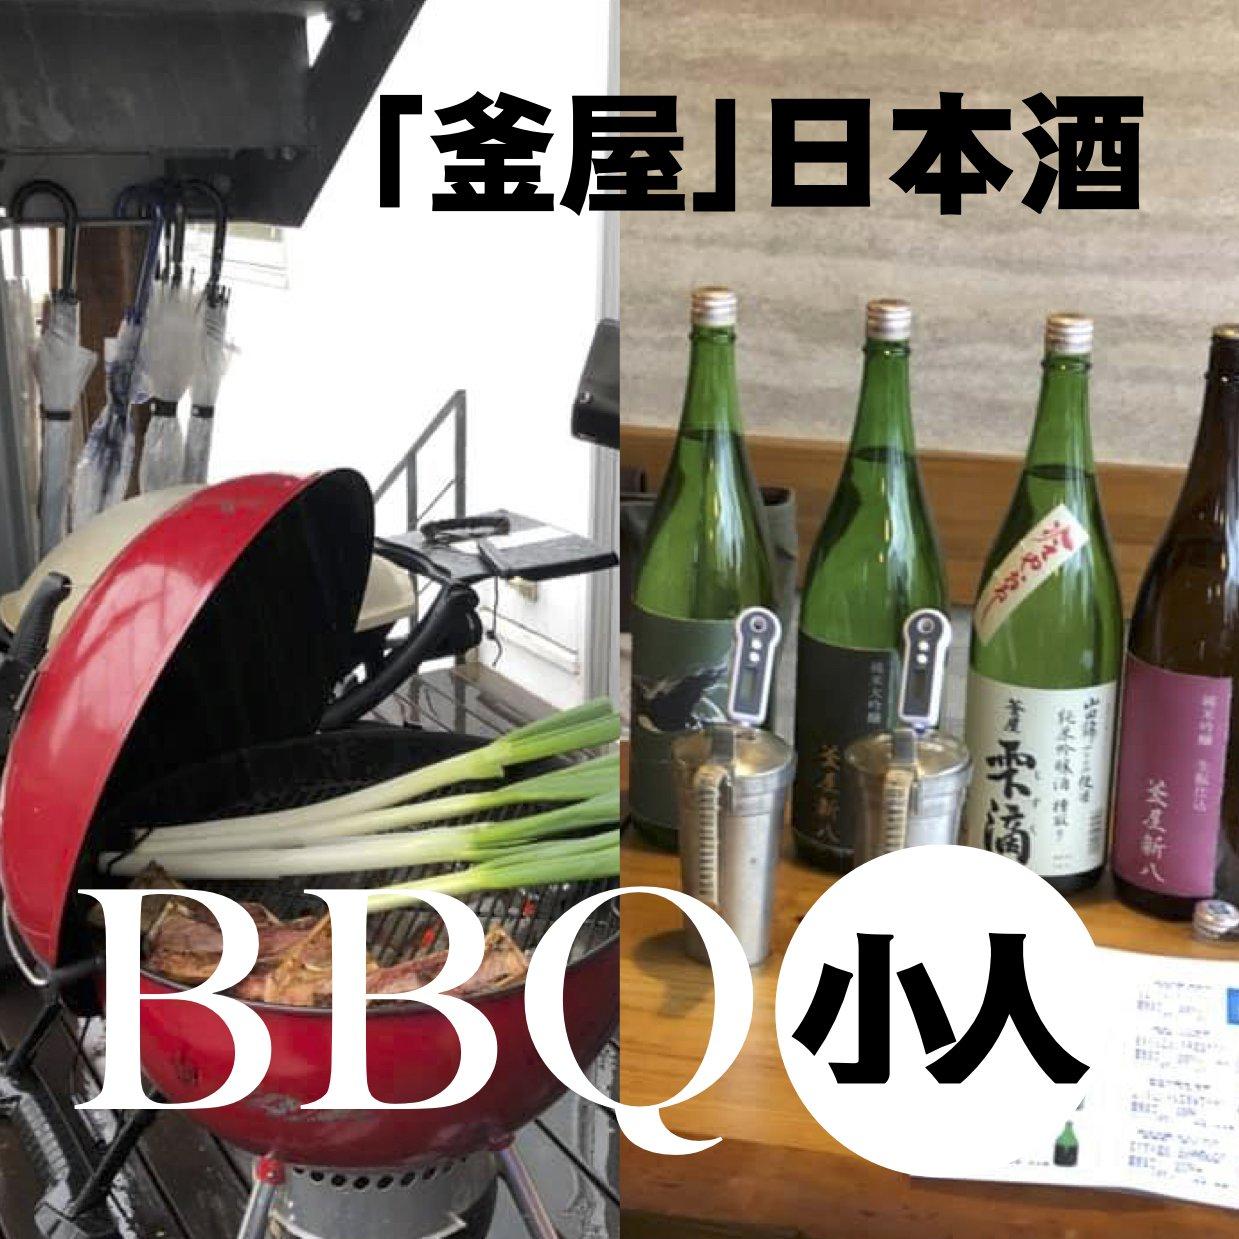 【11月22日参加チケット*小中学生】かけはしBBQwith釜屋|日本酒ペアリング|小森社長自ら燗付け!のイメージその1